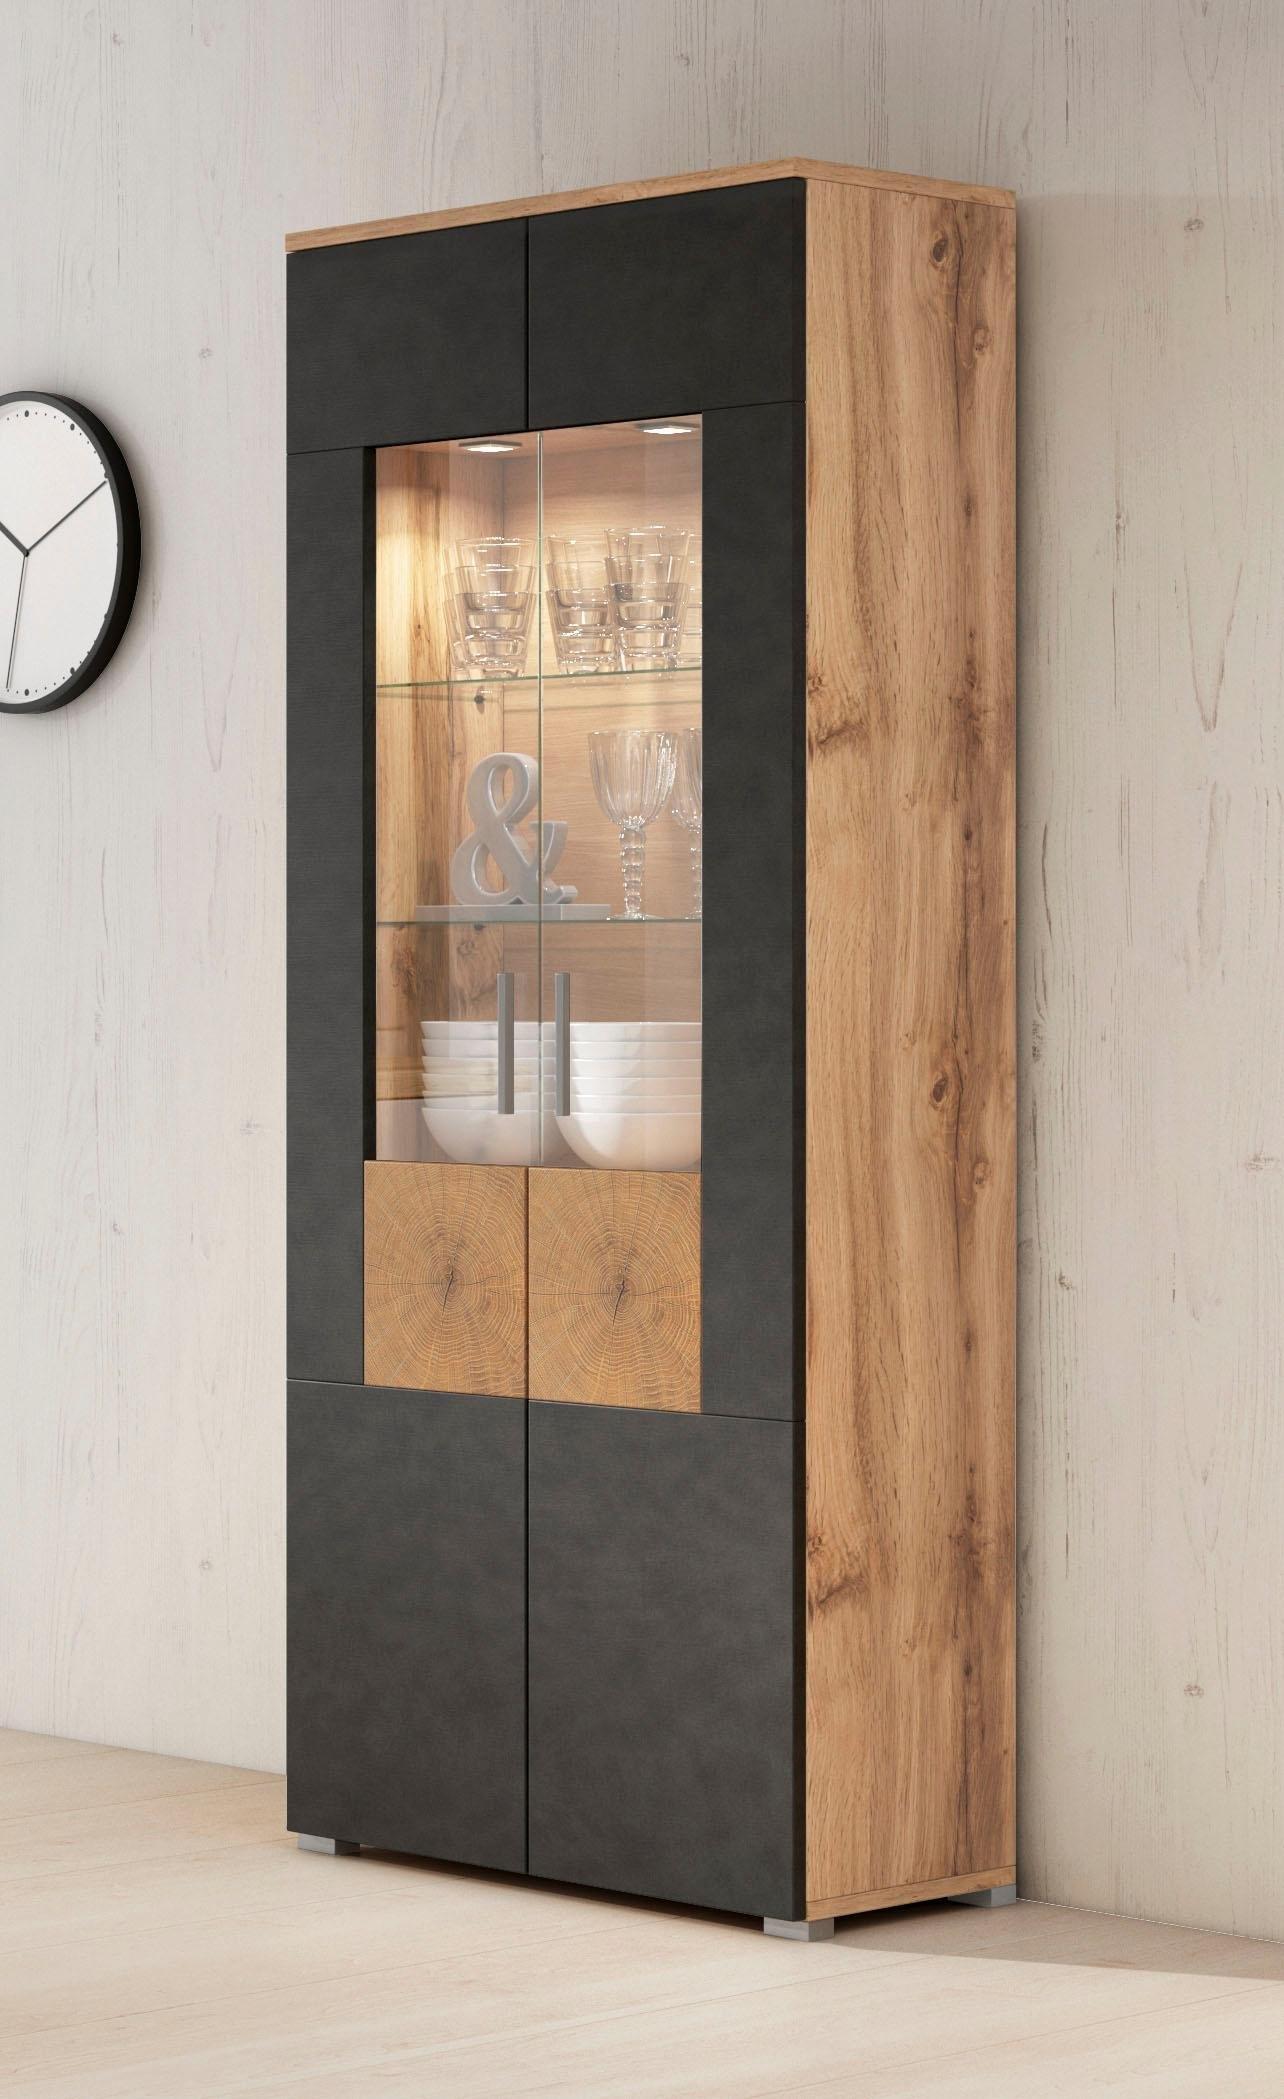 New Vitrinekast »Wobona«, hoogte 180 cm met 2 deuren? Bestel nu bij | OTTO @SF64